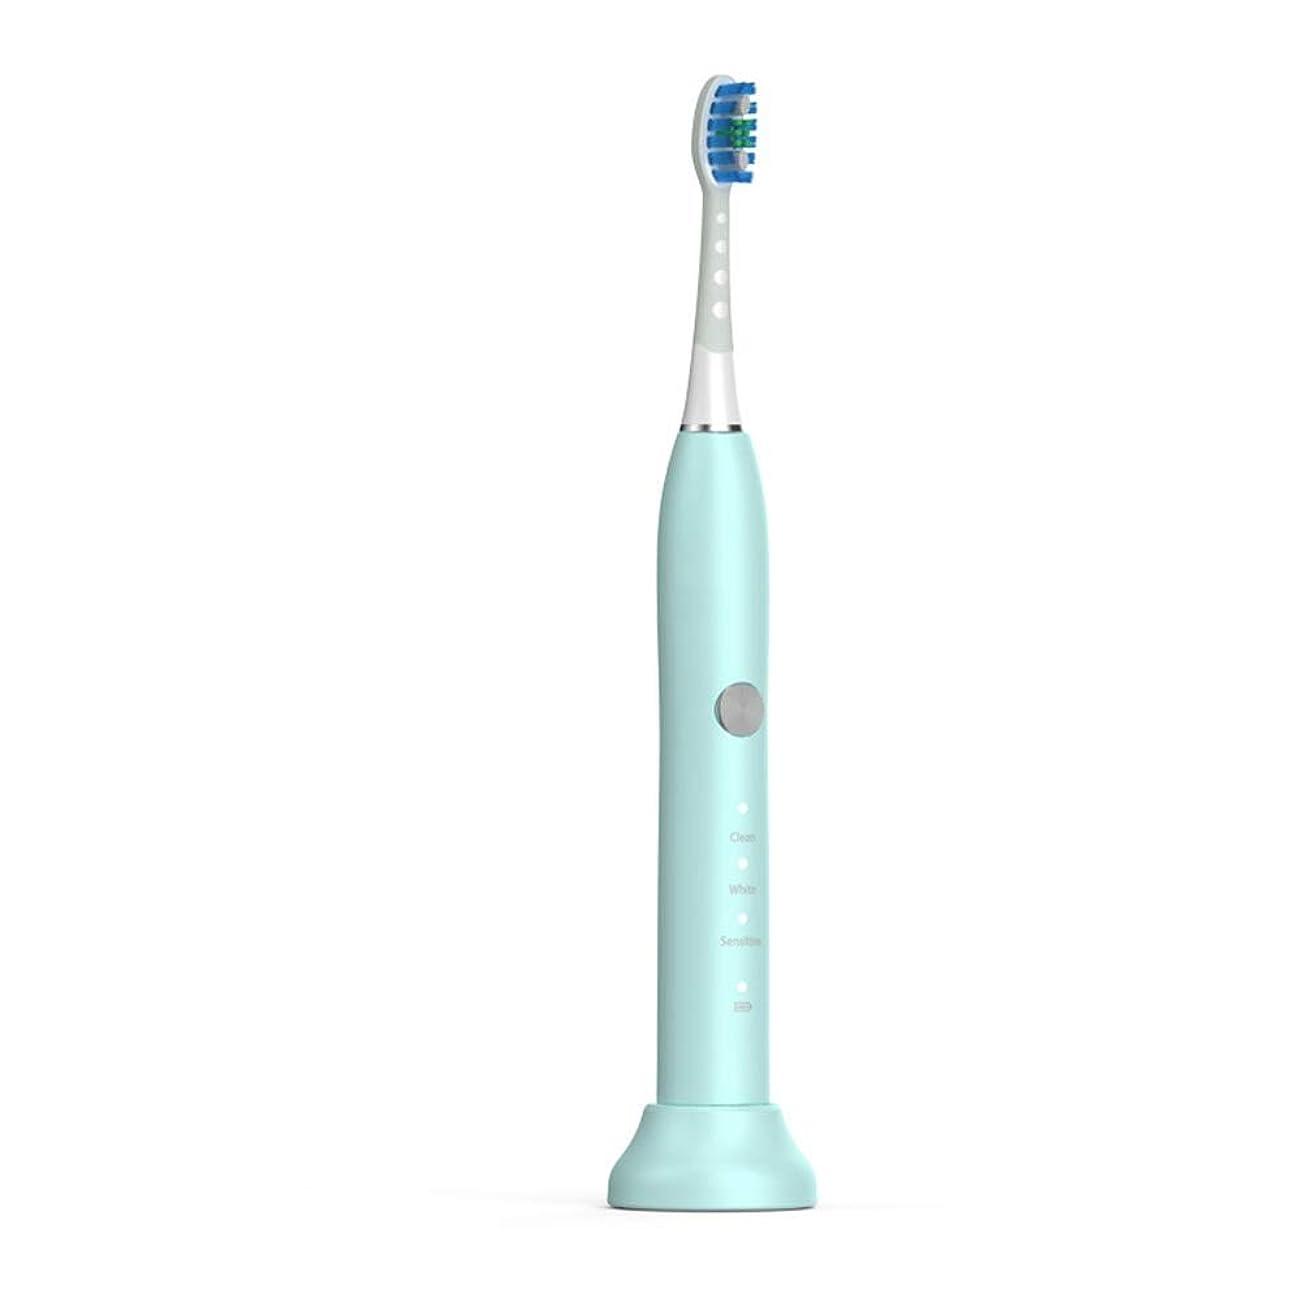 音不利テレビ電動歯ブラシ 電動歯ブラシホルダー柔らかい毛の保護用のきれいな歯ブラシの歯科医はUSBの充満基盤と推薦しました (色 : 緑, サイズ : Free size)